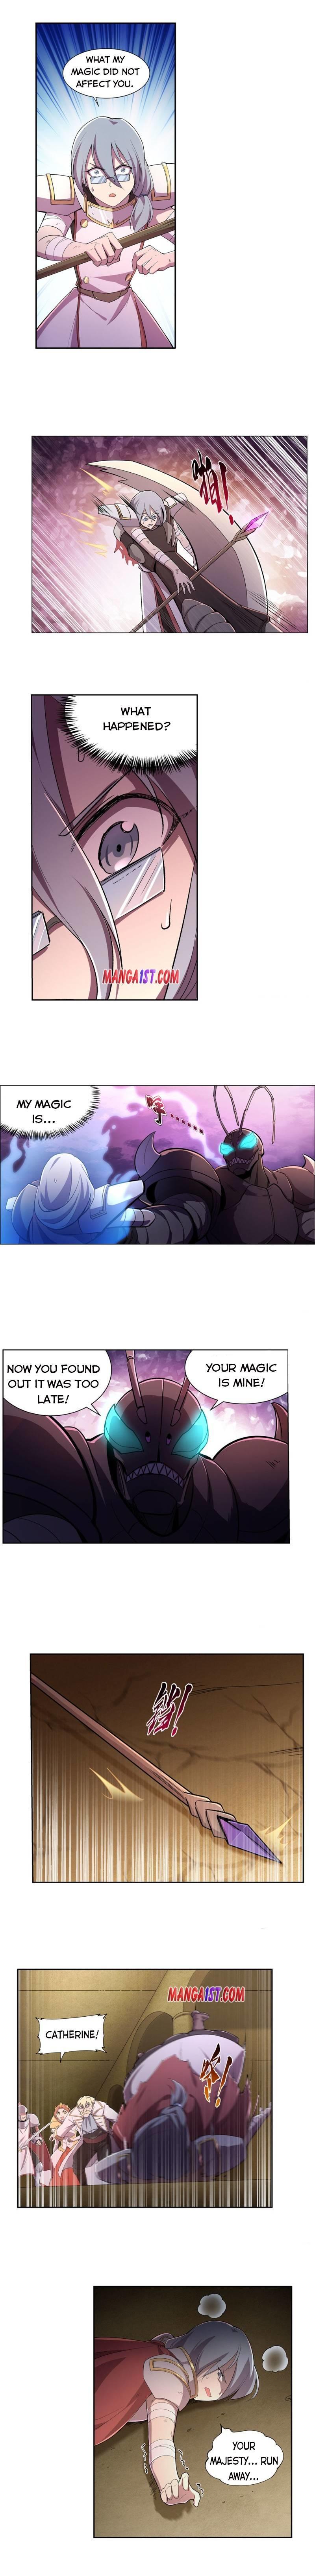 The Demon King Who Lost His Job Chapter 189 page 3 - Mangakakalots.com